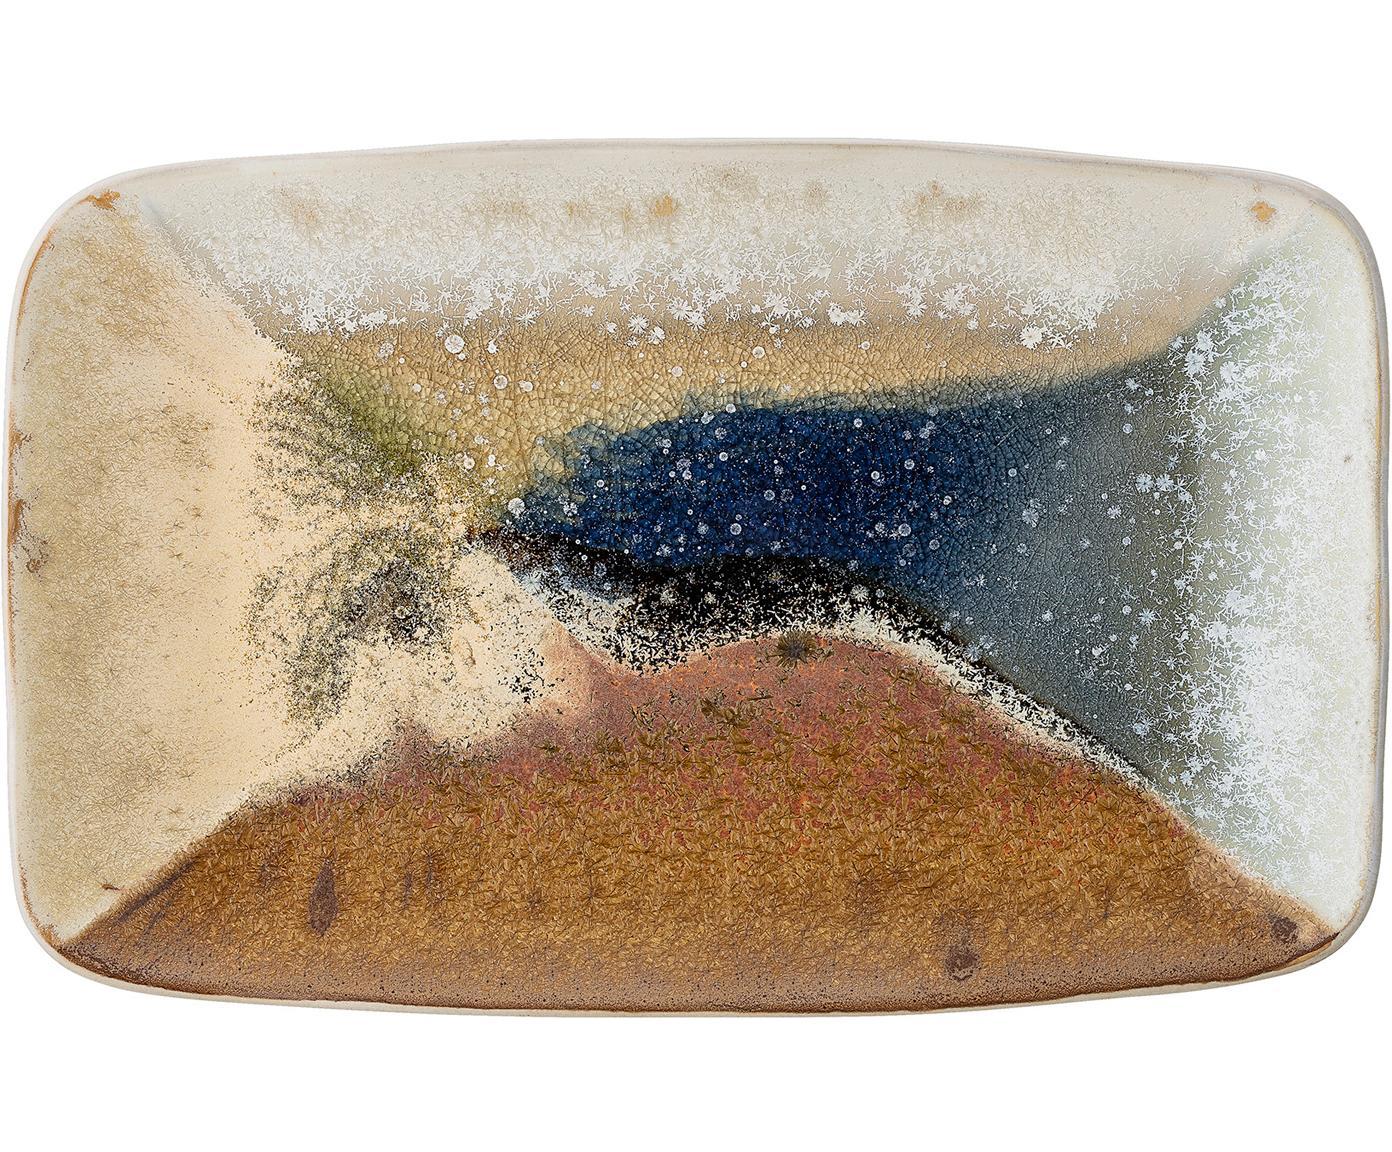 Piatto da portata fatto a mano Willow, Terracotta, Multicolore, Larg. 34 x Prof. 21 cm